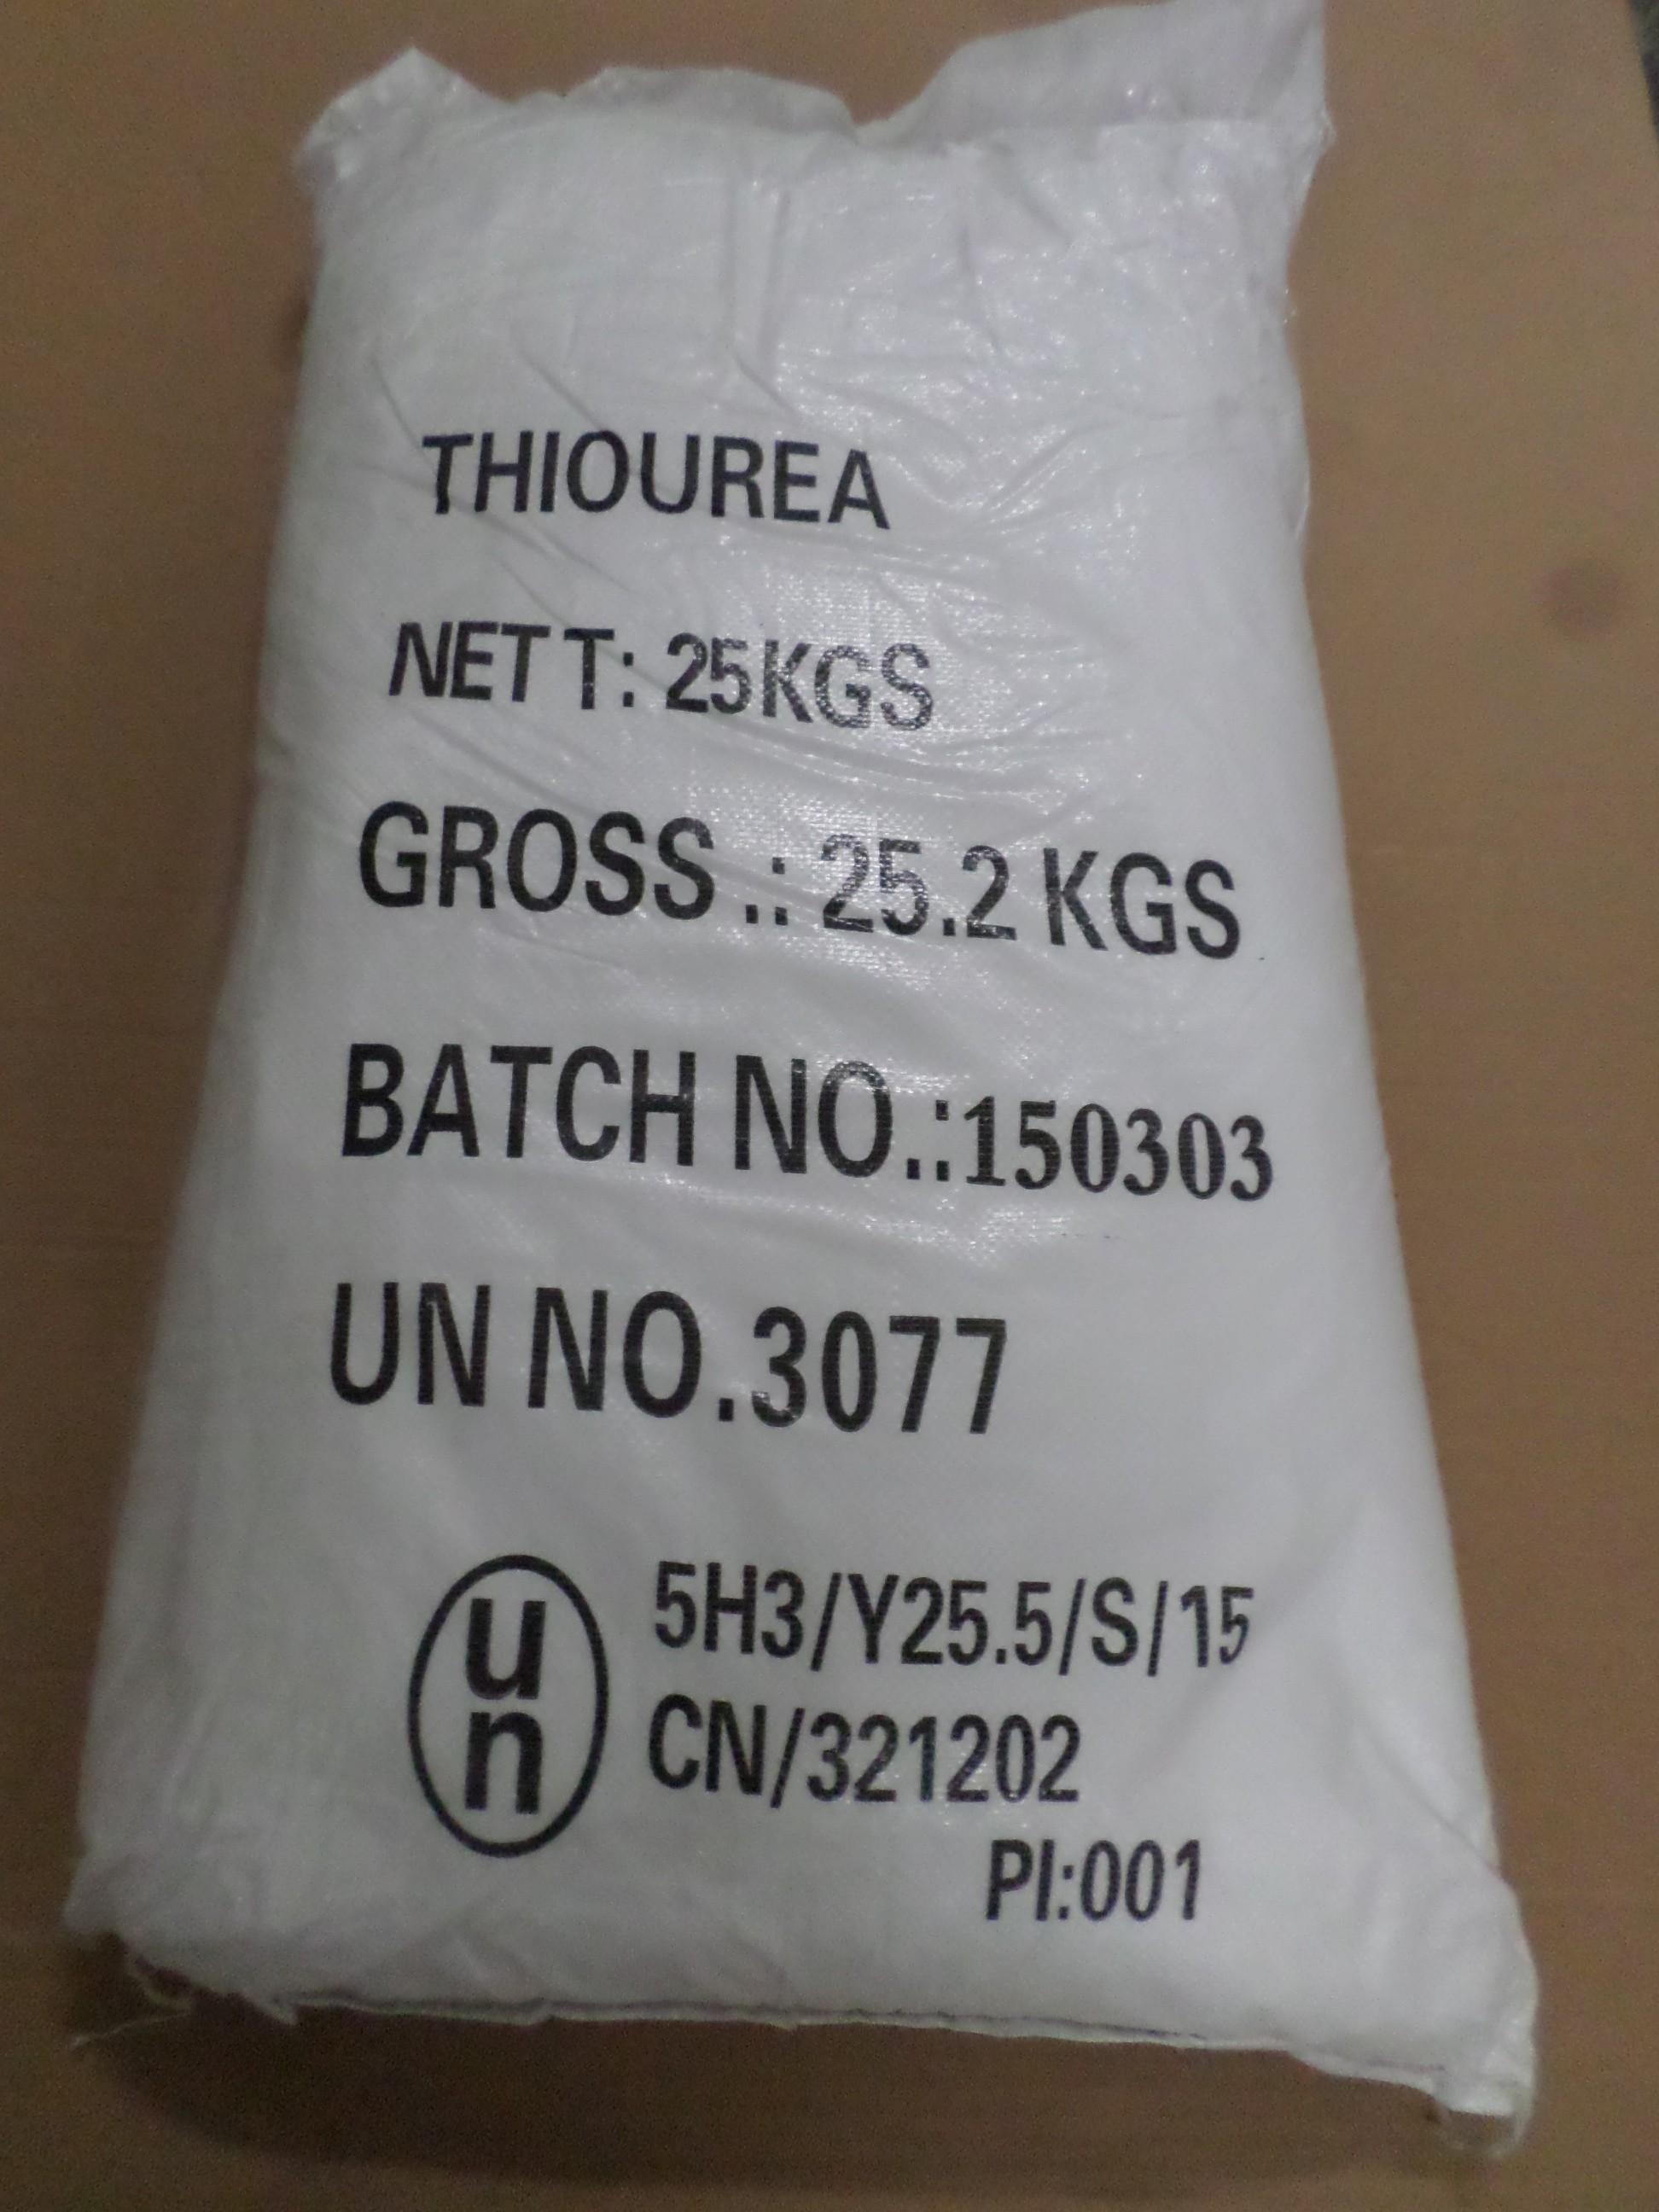 Thiourea - Tiourea